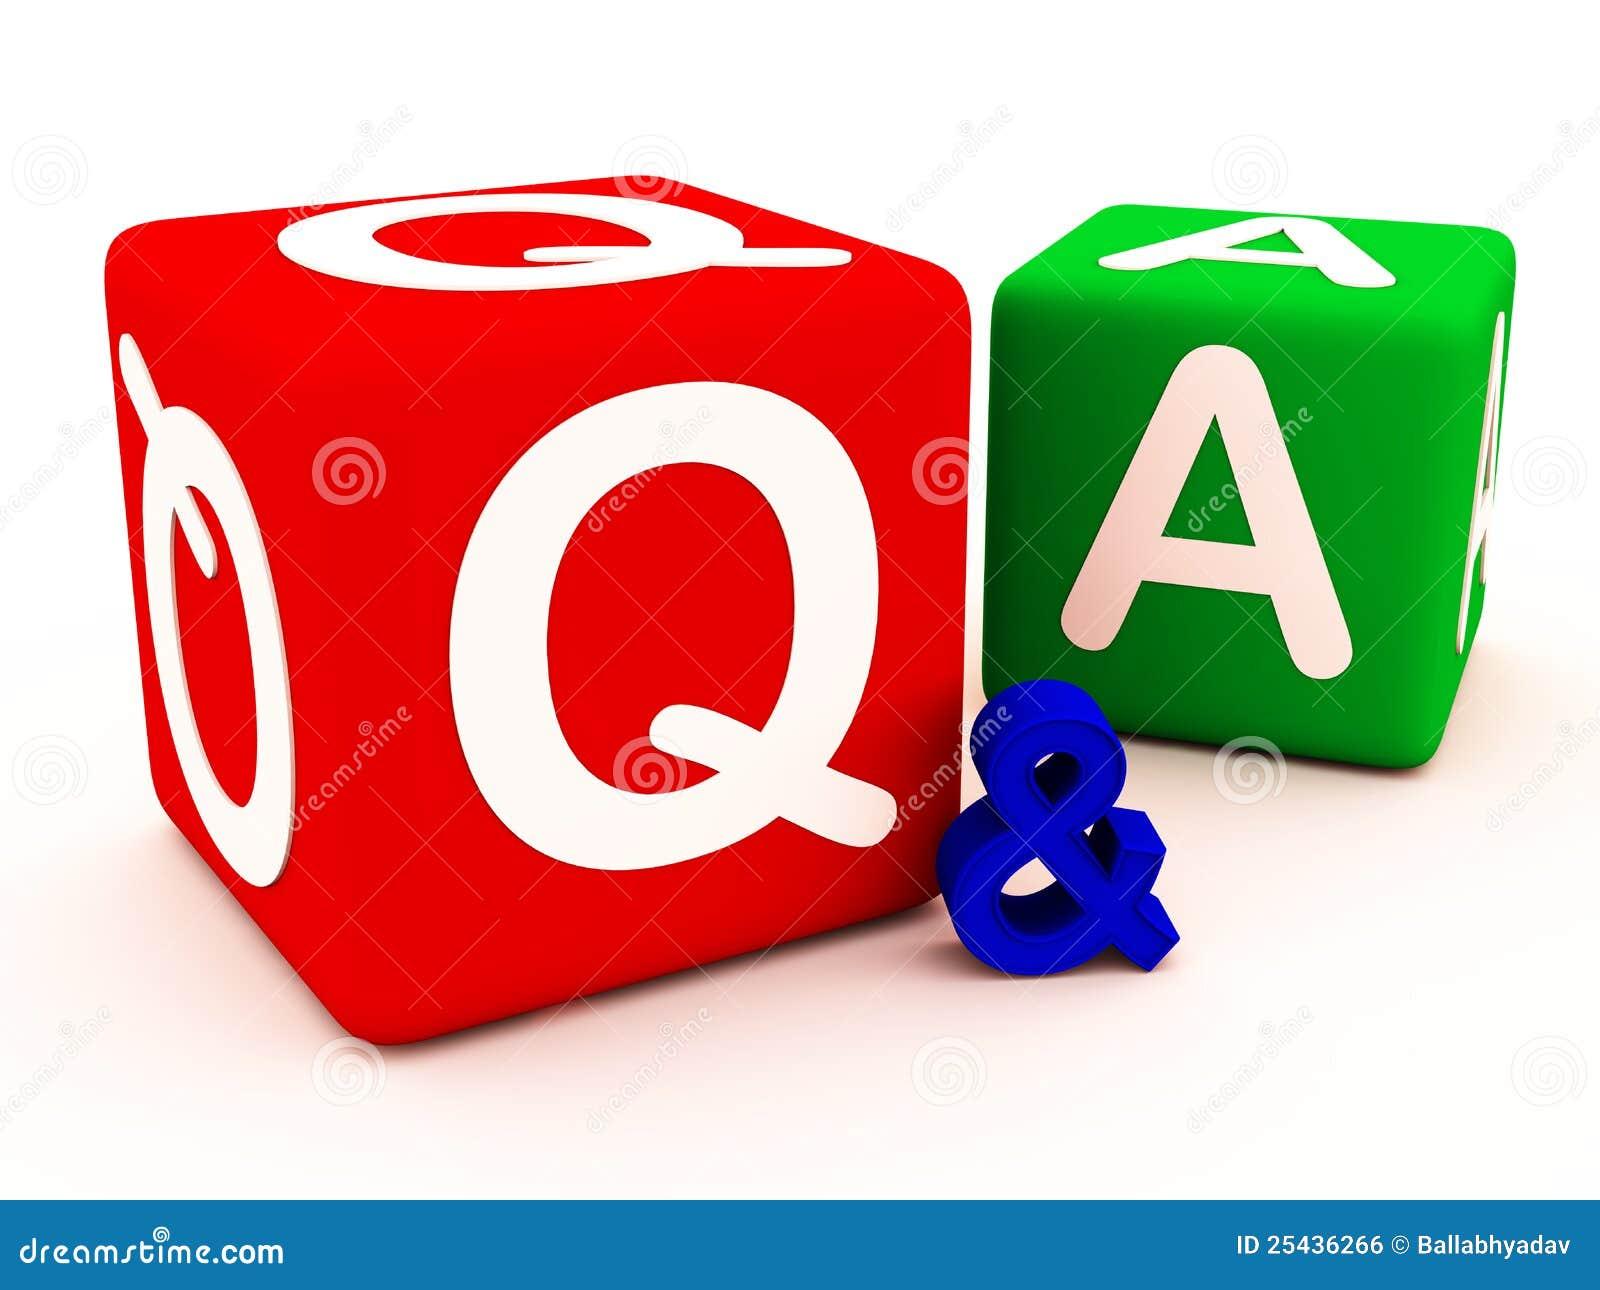 Q&A vragenantwoorden en twijfels